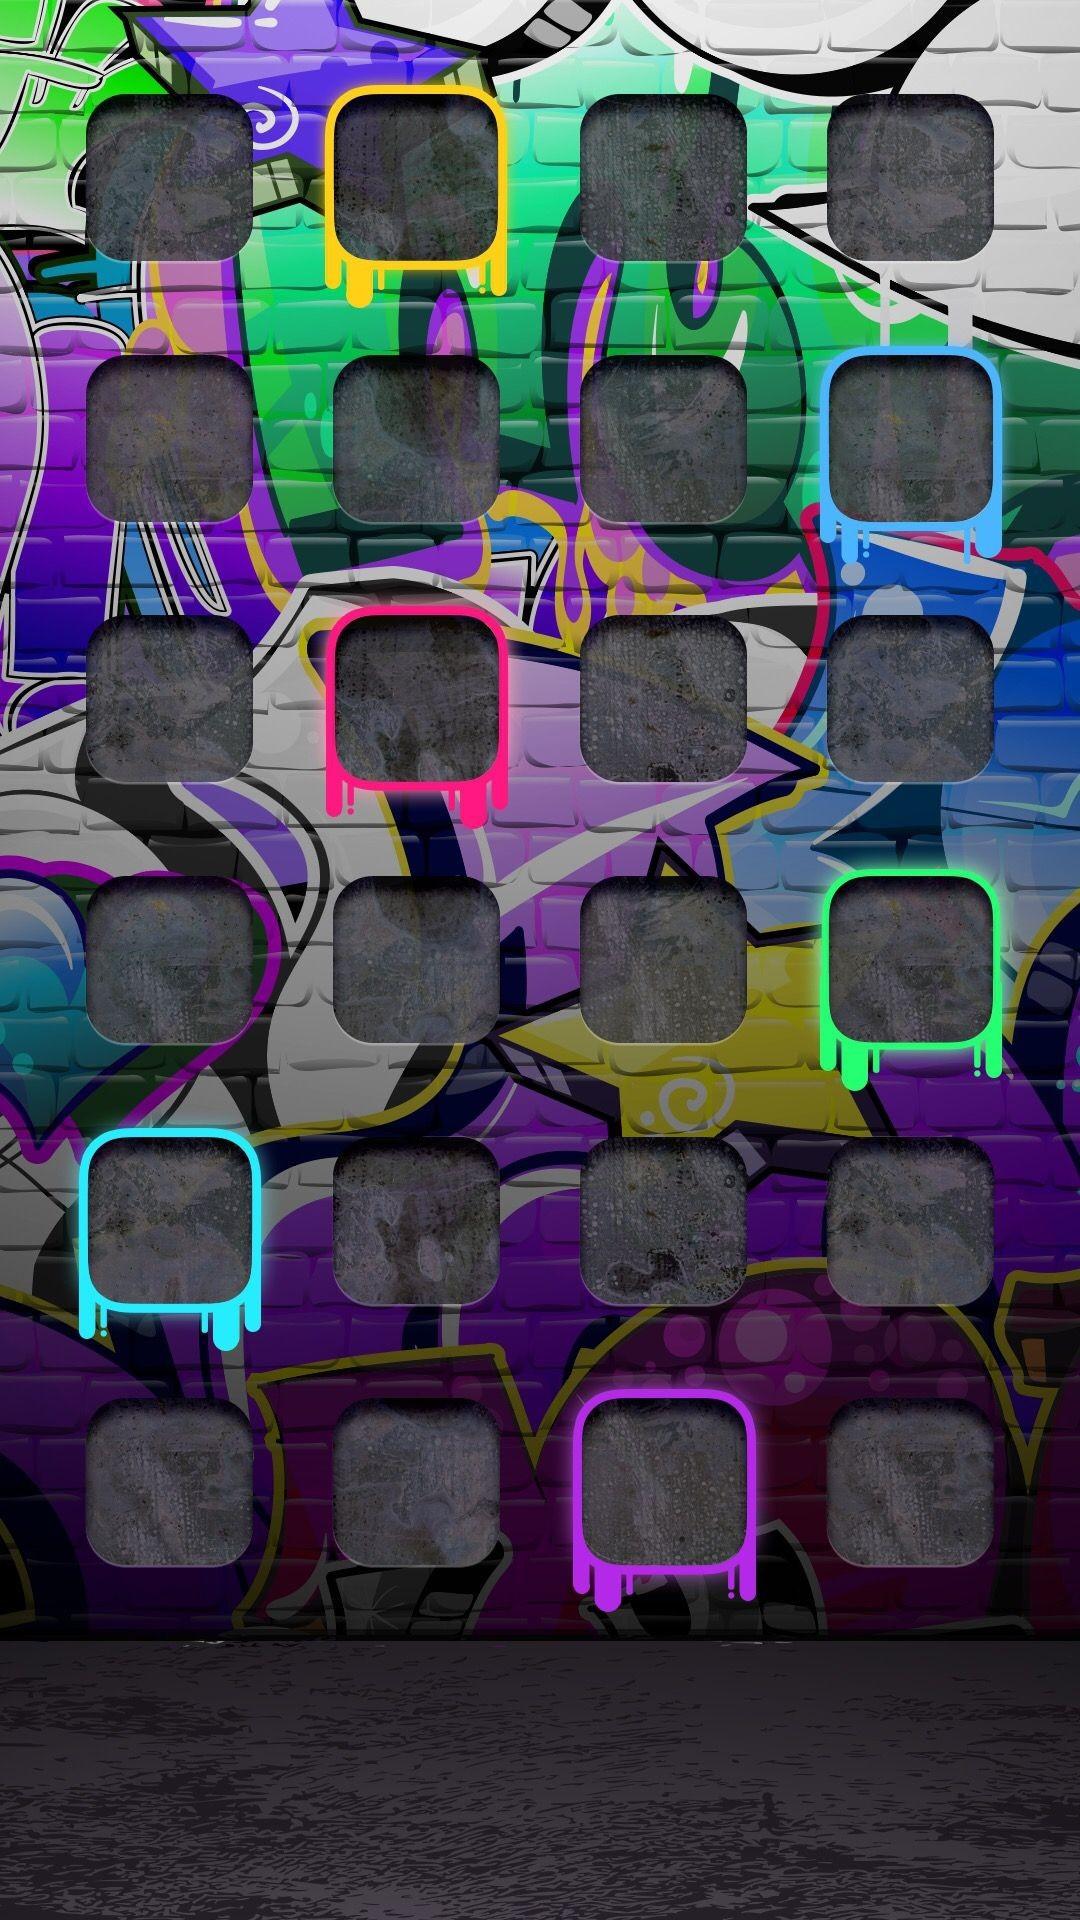 Iphone telefon duvar kağıtları 2019 HD